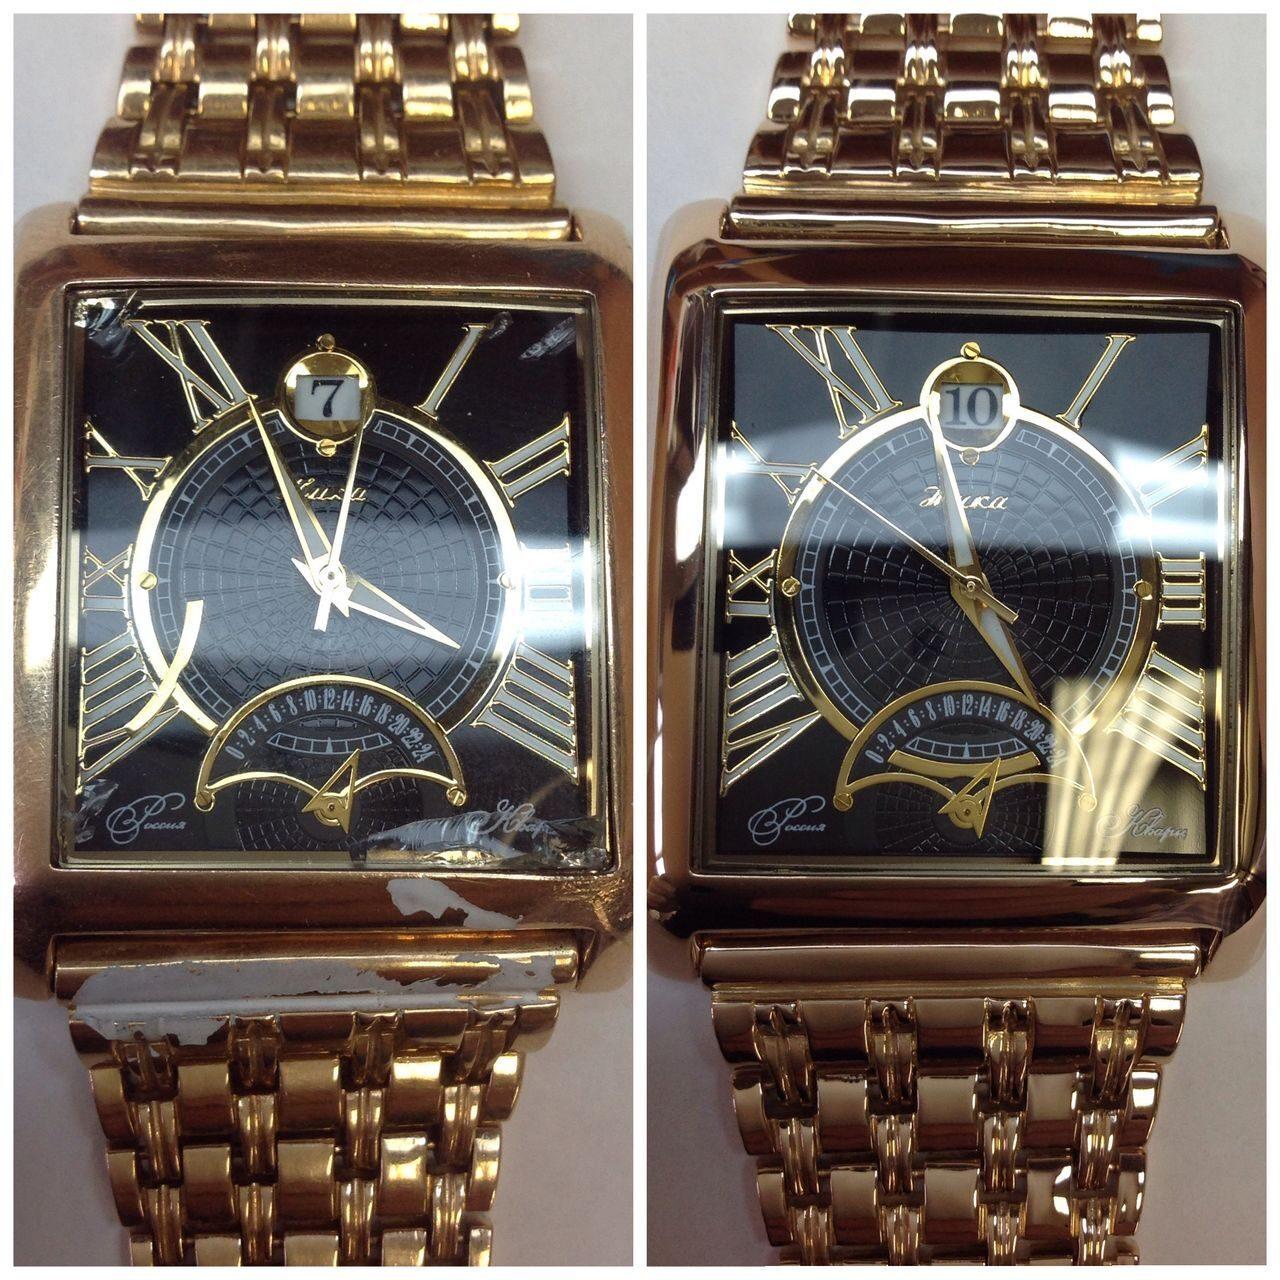 Стекла часы стоимость на в стоимость женеве часов швейцарских